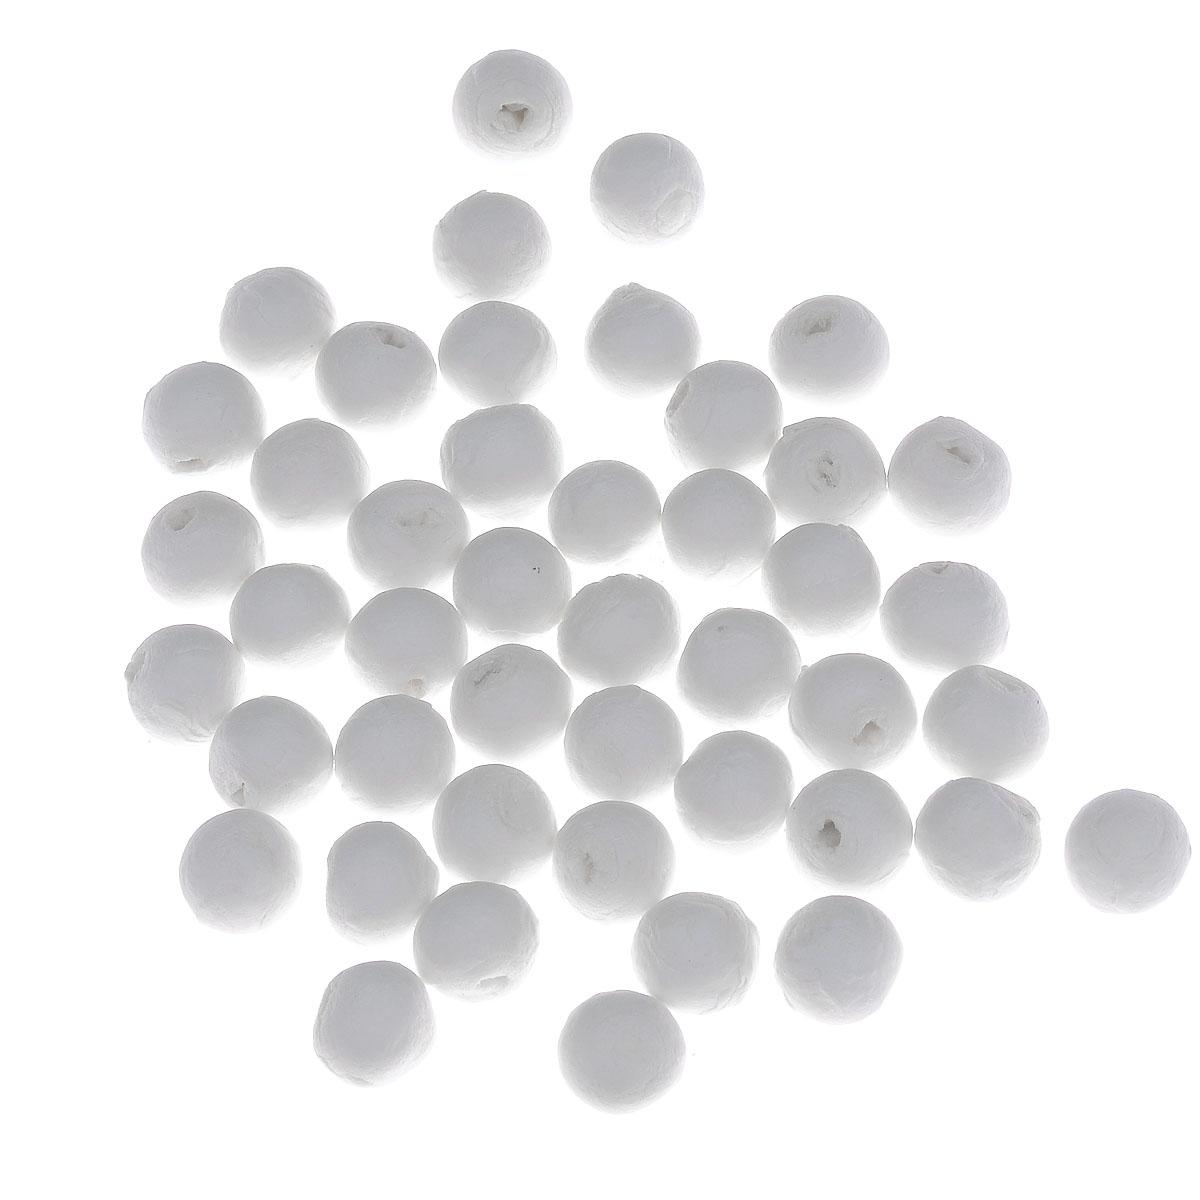 Шарики хлопковые Hobby Time, цвет: белый, диаметр 12 мм, 45 шт55052Декоративные шарики Hobby Time, изготовленные из 100% натурального хлопка, станут эффектным украшением интерьера или праздника. Из хлопка можно создать любые украшения. Белый пушистый хлопок - практически универсальная деталь, из которой можно создать красивейшие декоративные композиции как для зимних праздников, так и для торжественных мероприятий, проводимых в теплые сезоны.При планировании эко-свадьбы хлопок также стоит включить в список элементов декоративного убранства. Воткнув в букет хлопковые веточки, вы сразу сделаете композицию и нежнее, и оригинальнее. Поскольку цветки хлопчатника белые, украшения из них можно сочетать с любой цветовой палитрой. Хлопок можно добавлять не только в букет невесты и в композиции на столах. А из веточек хлопка получатся оригинальные бутоньерки. Диаметр шарика: 12 мм.